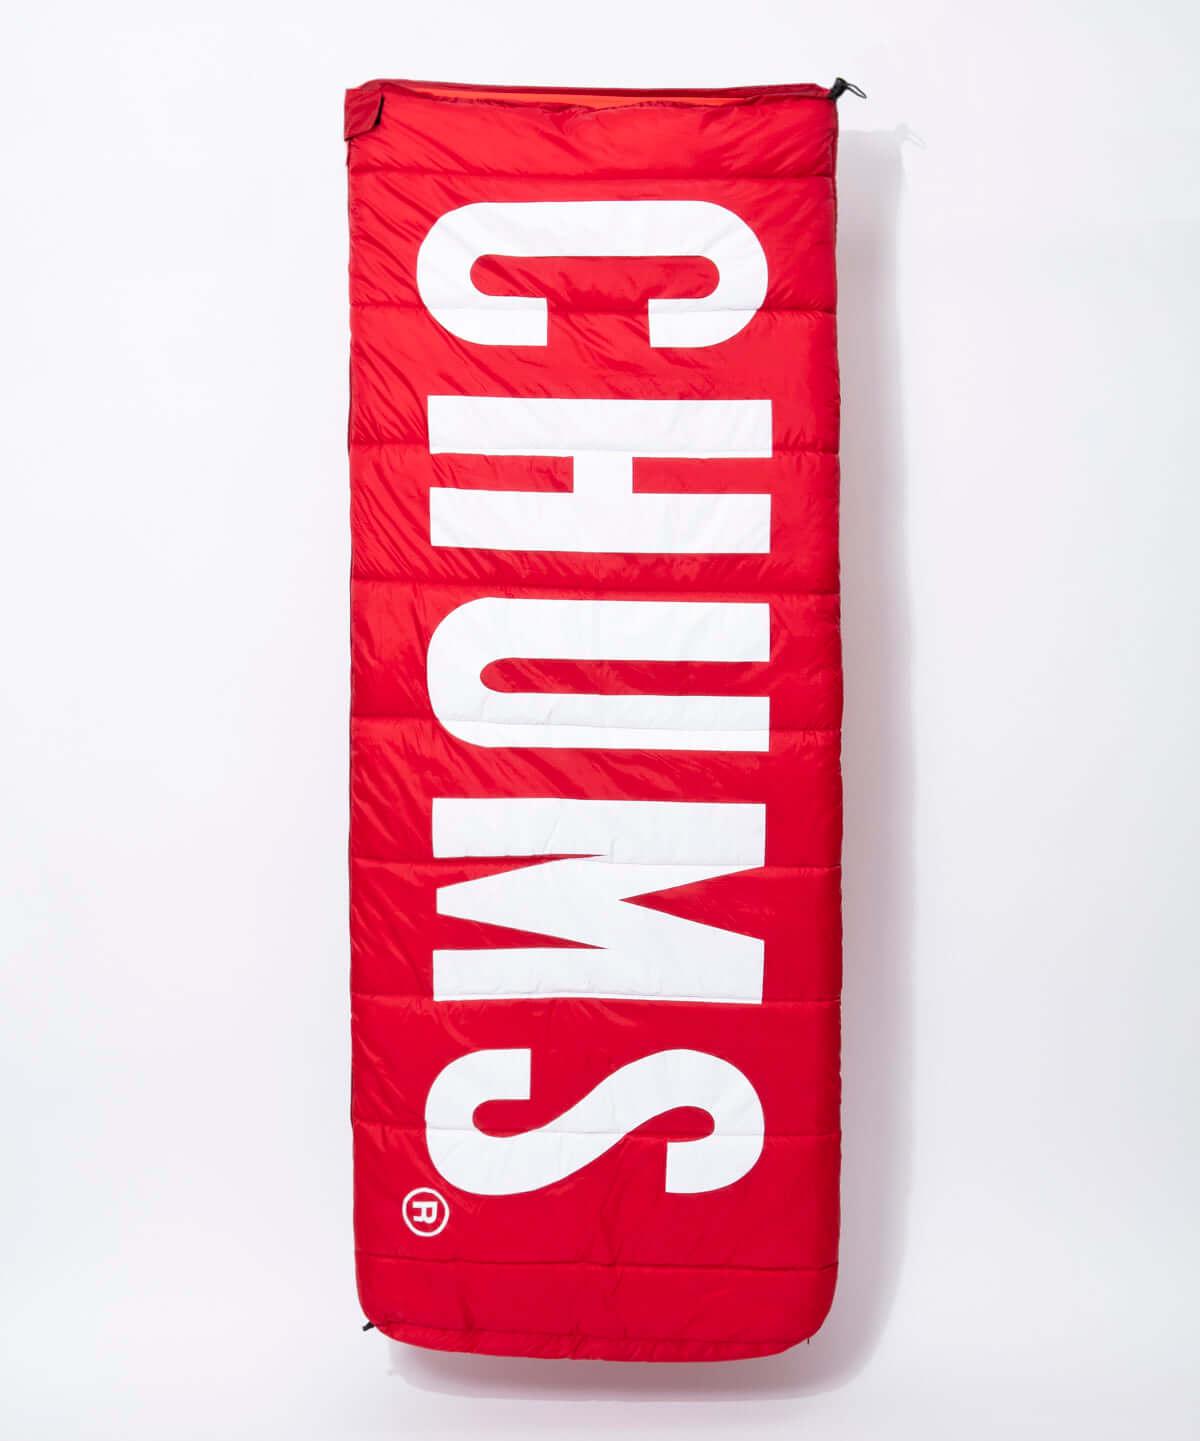 「CHUMS」待望の寝袋シリーズが発売|ブービーバードに変身できる寝袋が登場 life190318_chums_2-1200x1441